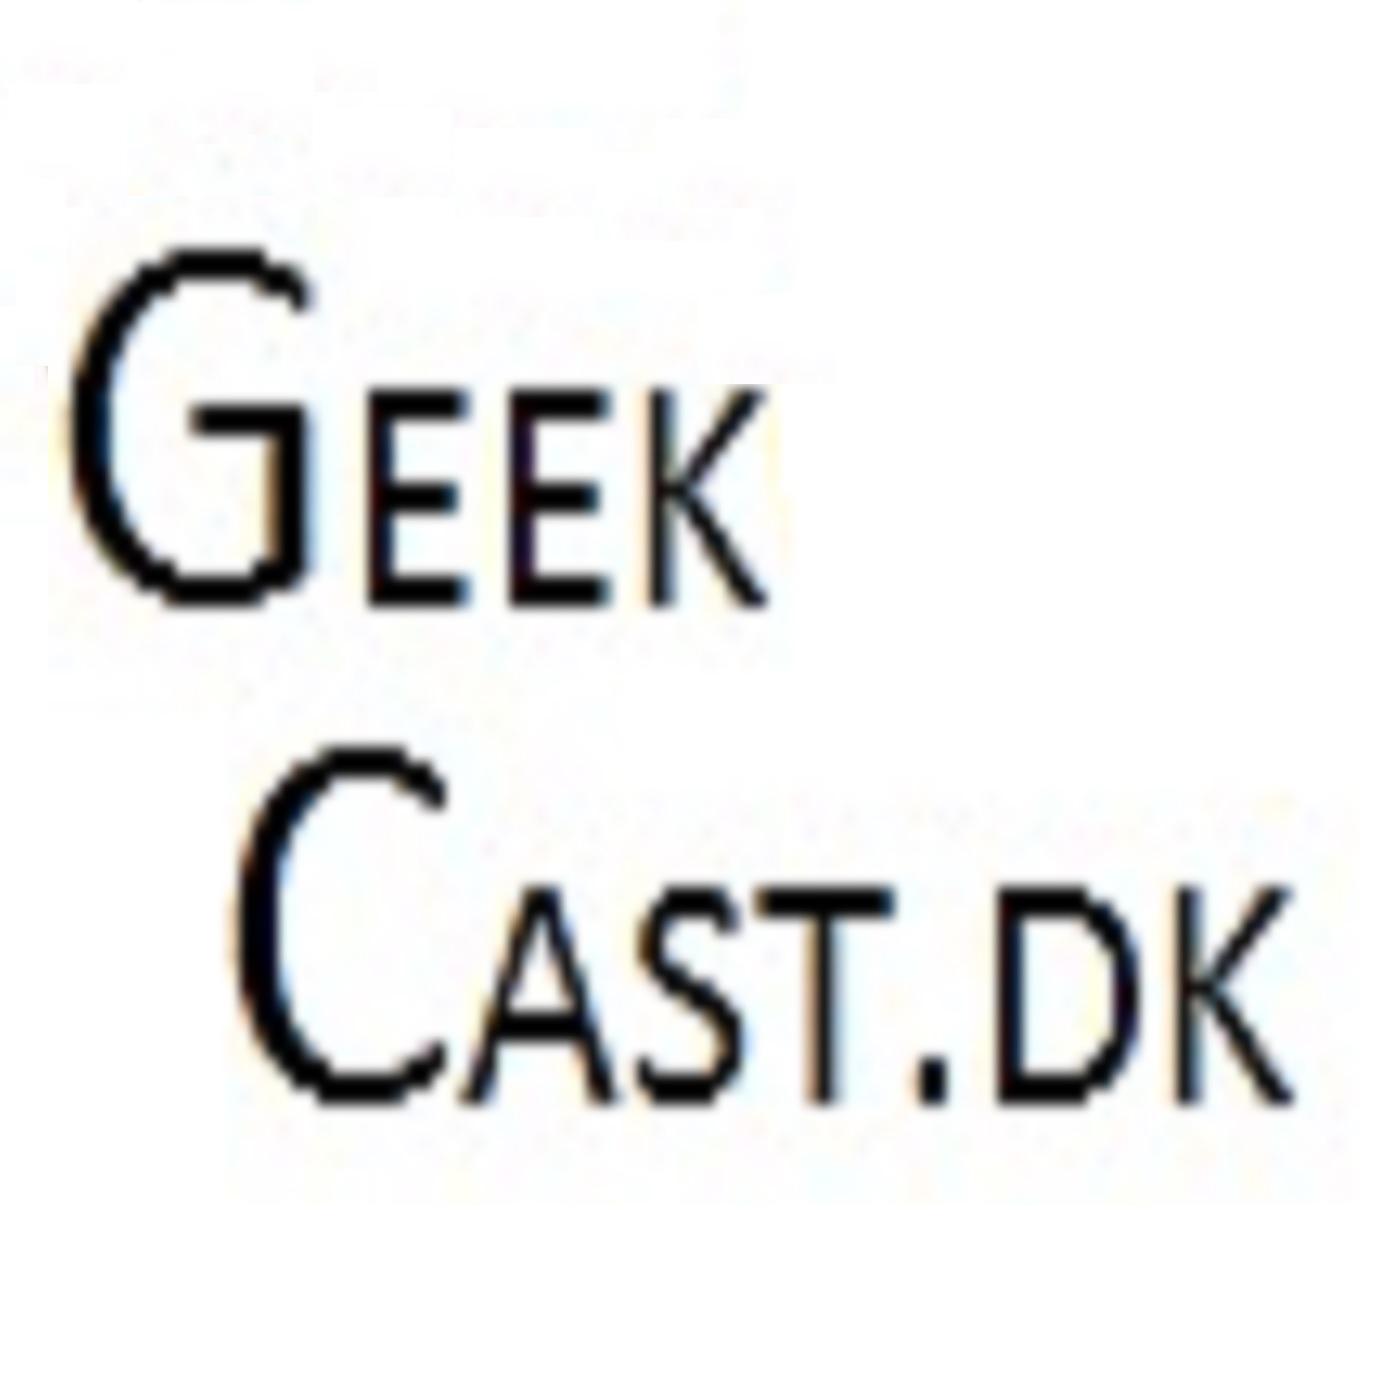 GeekCast.dk show art